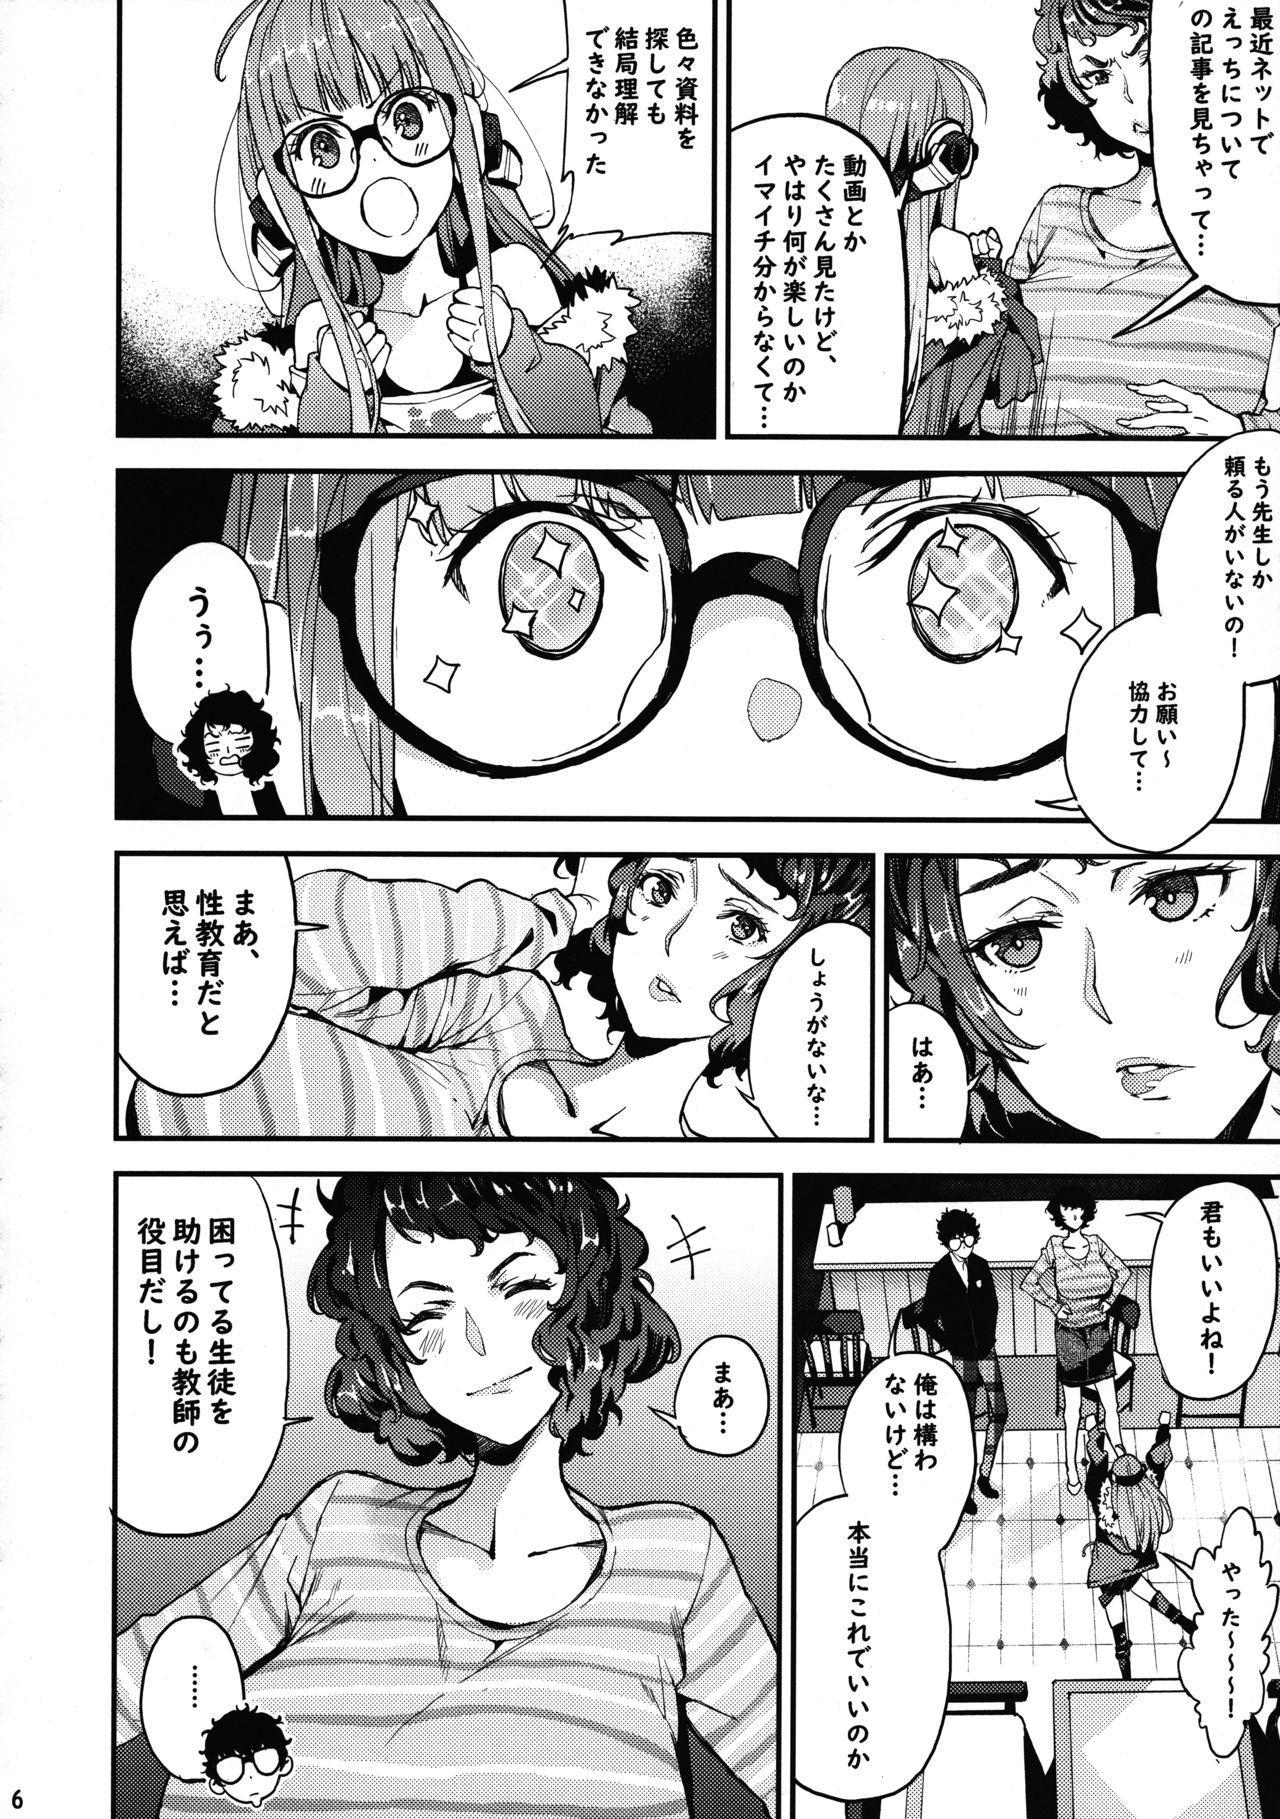 Kawakami Sensei to Futaba no Himitsu Kojin Jugyou 6